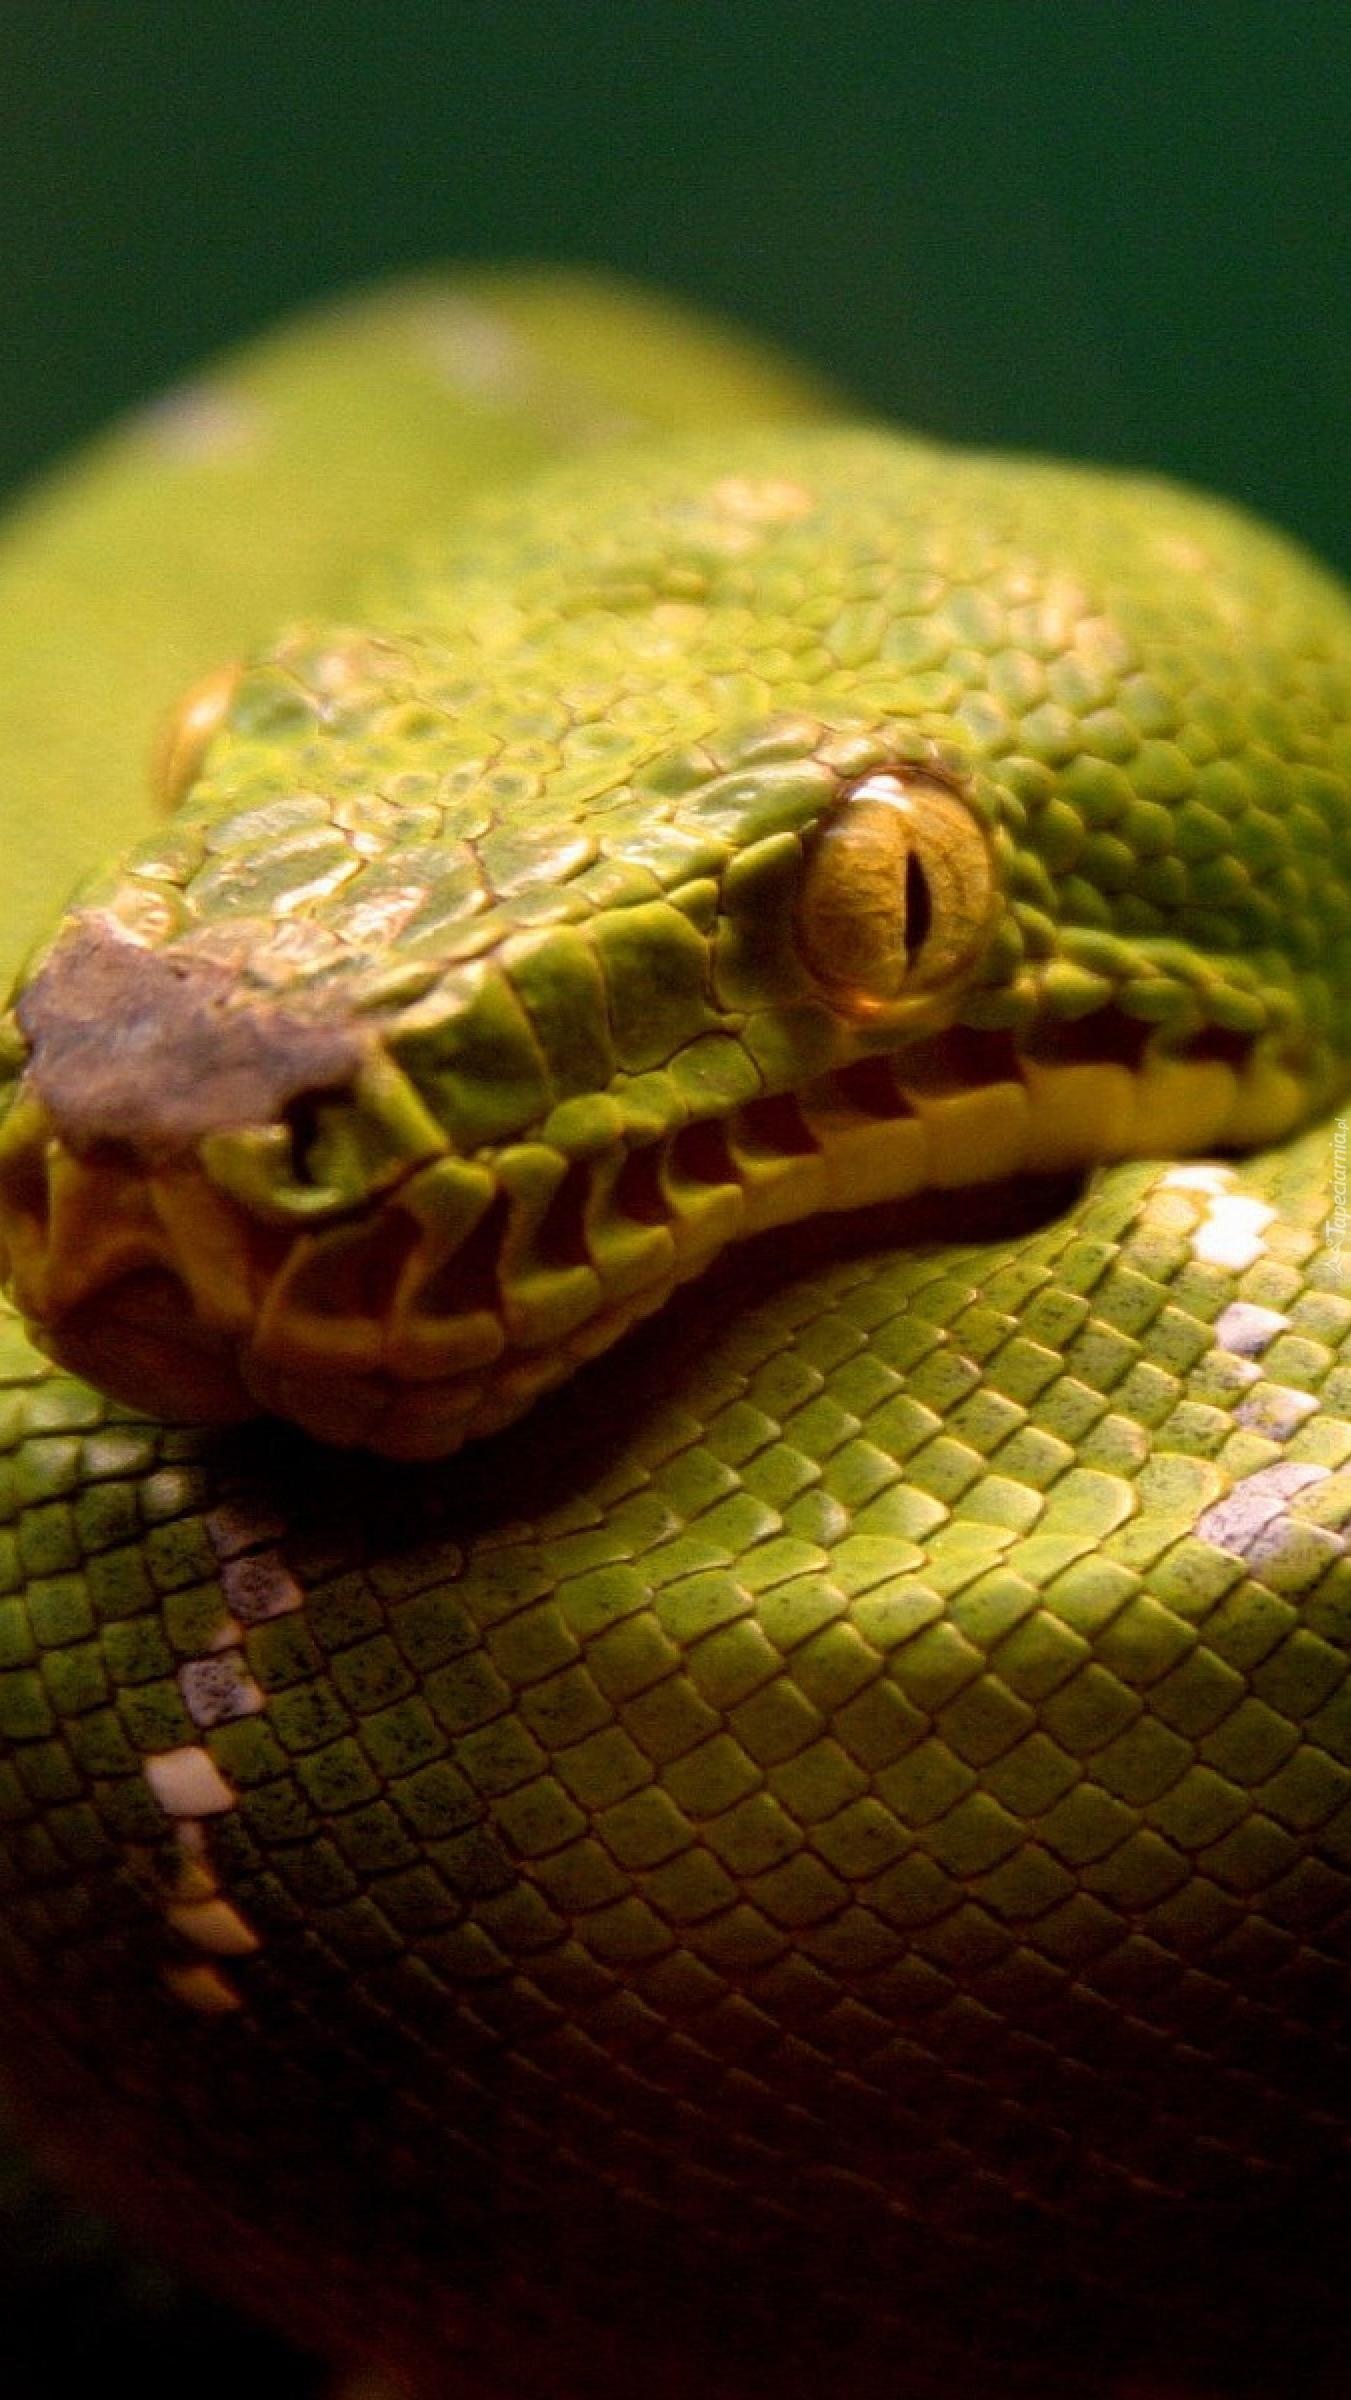 Głowa pytona zielonego